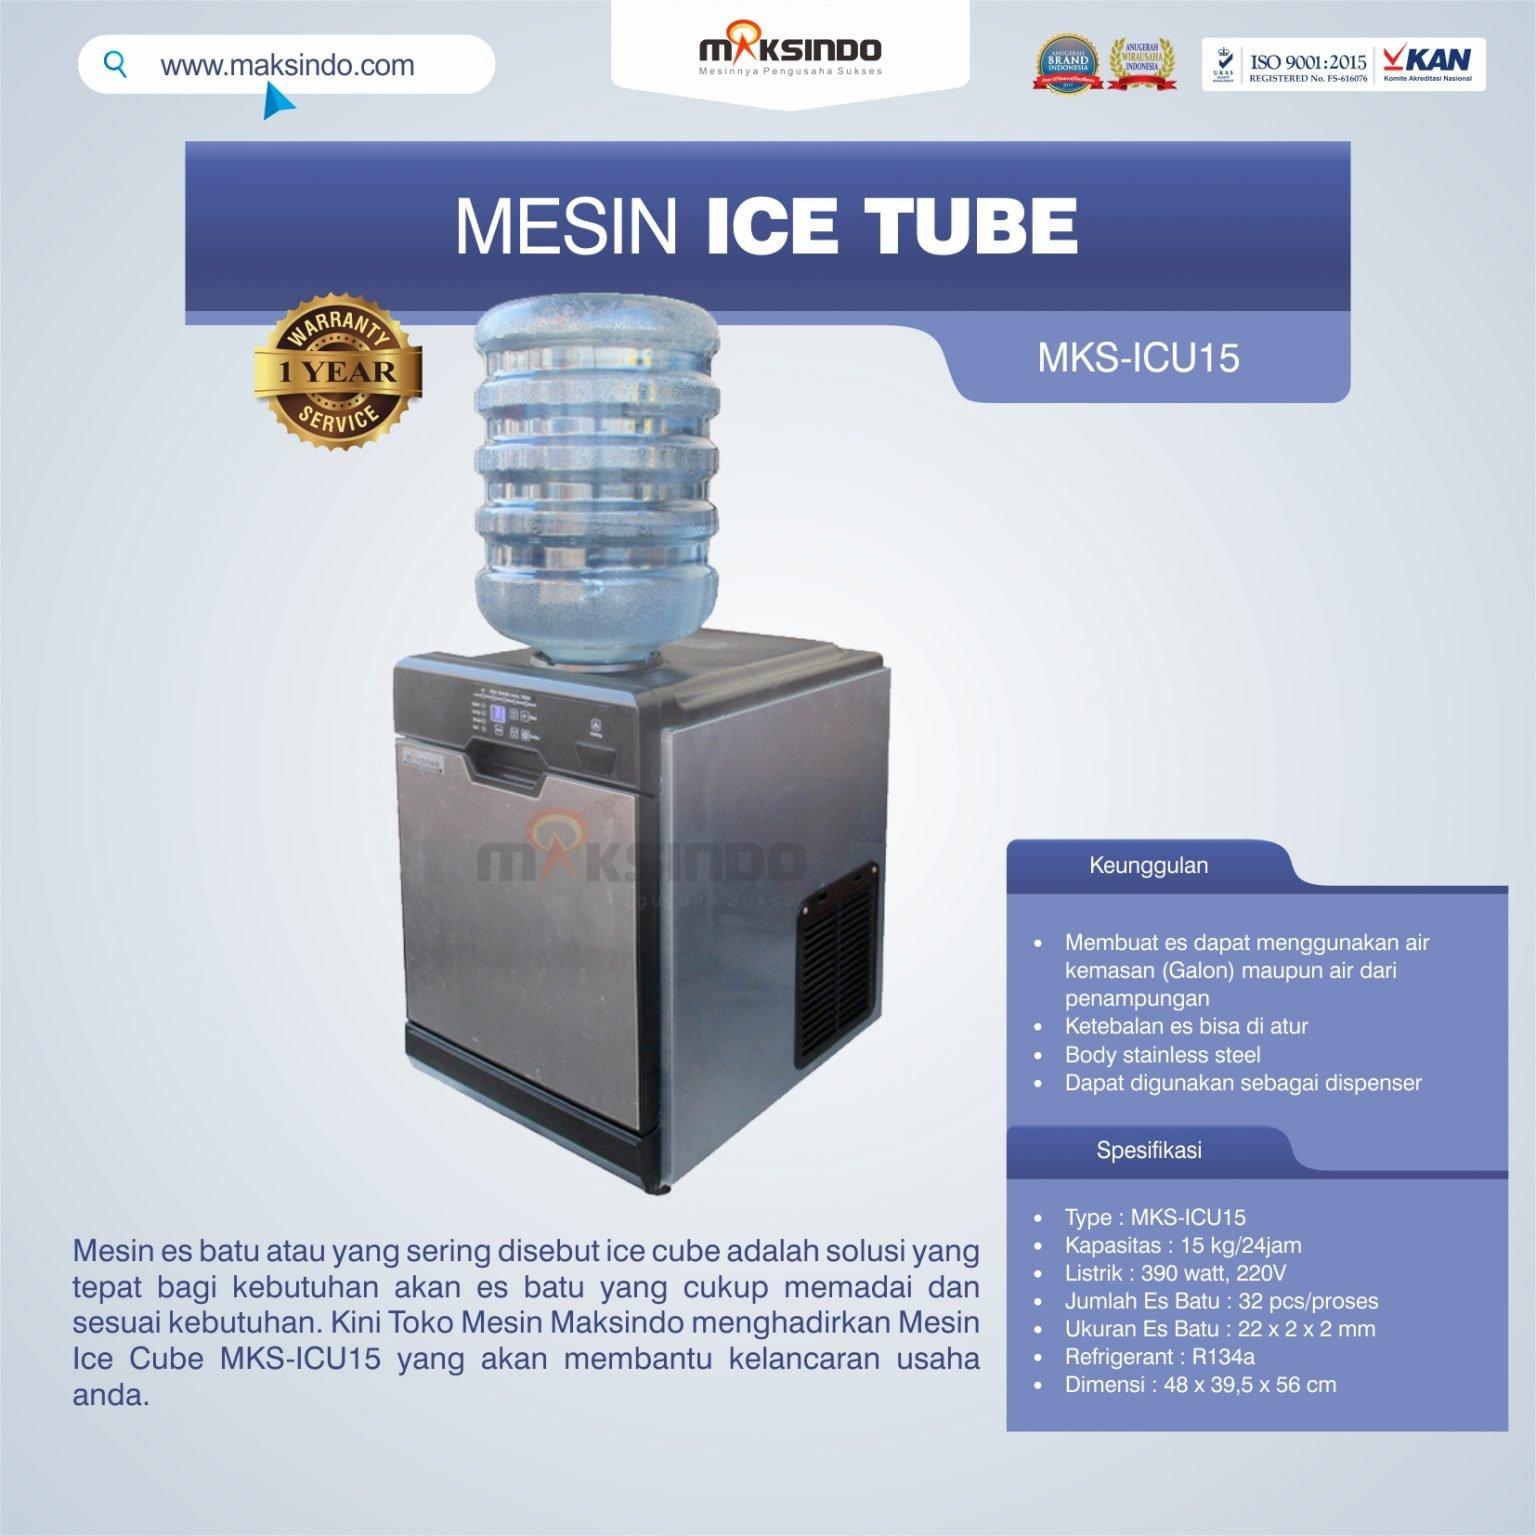 Jual Mesin Ice Cube MKS-ICU15 di Palembang